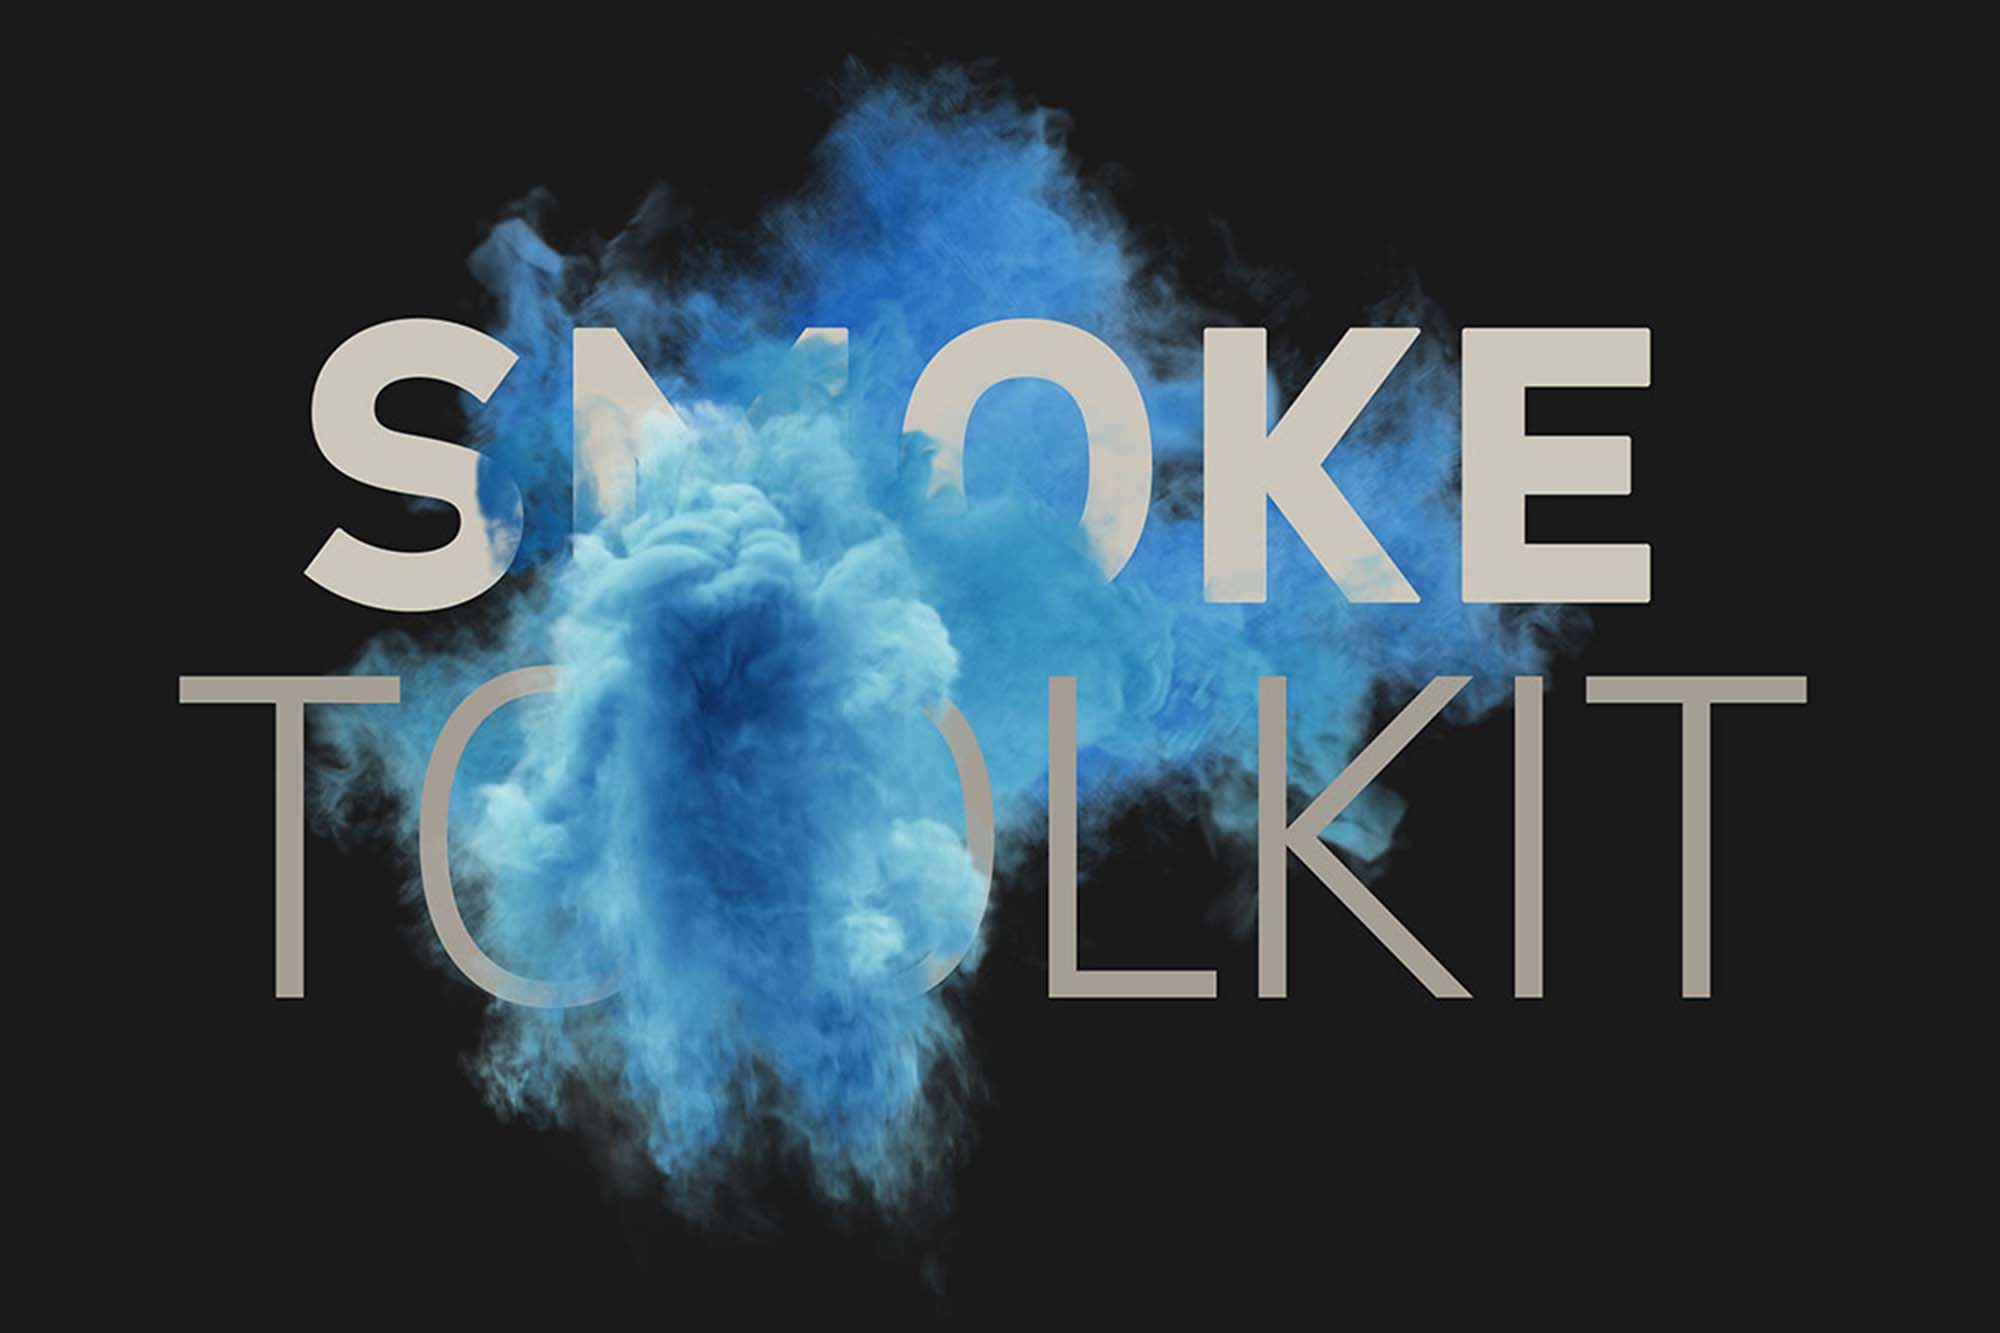 Smoke Effects